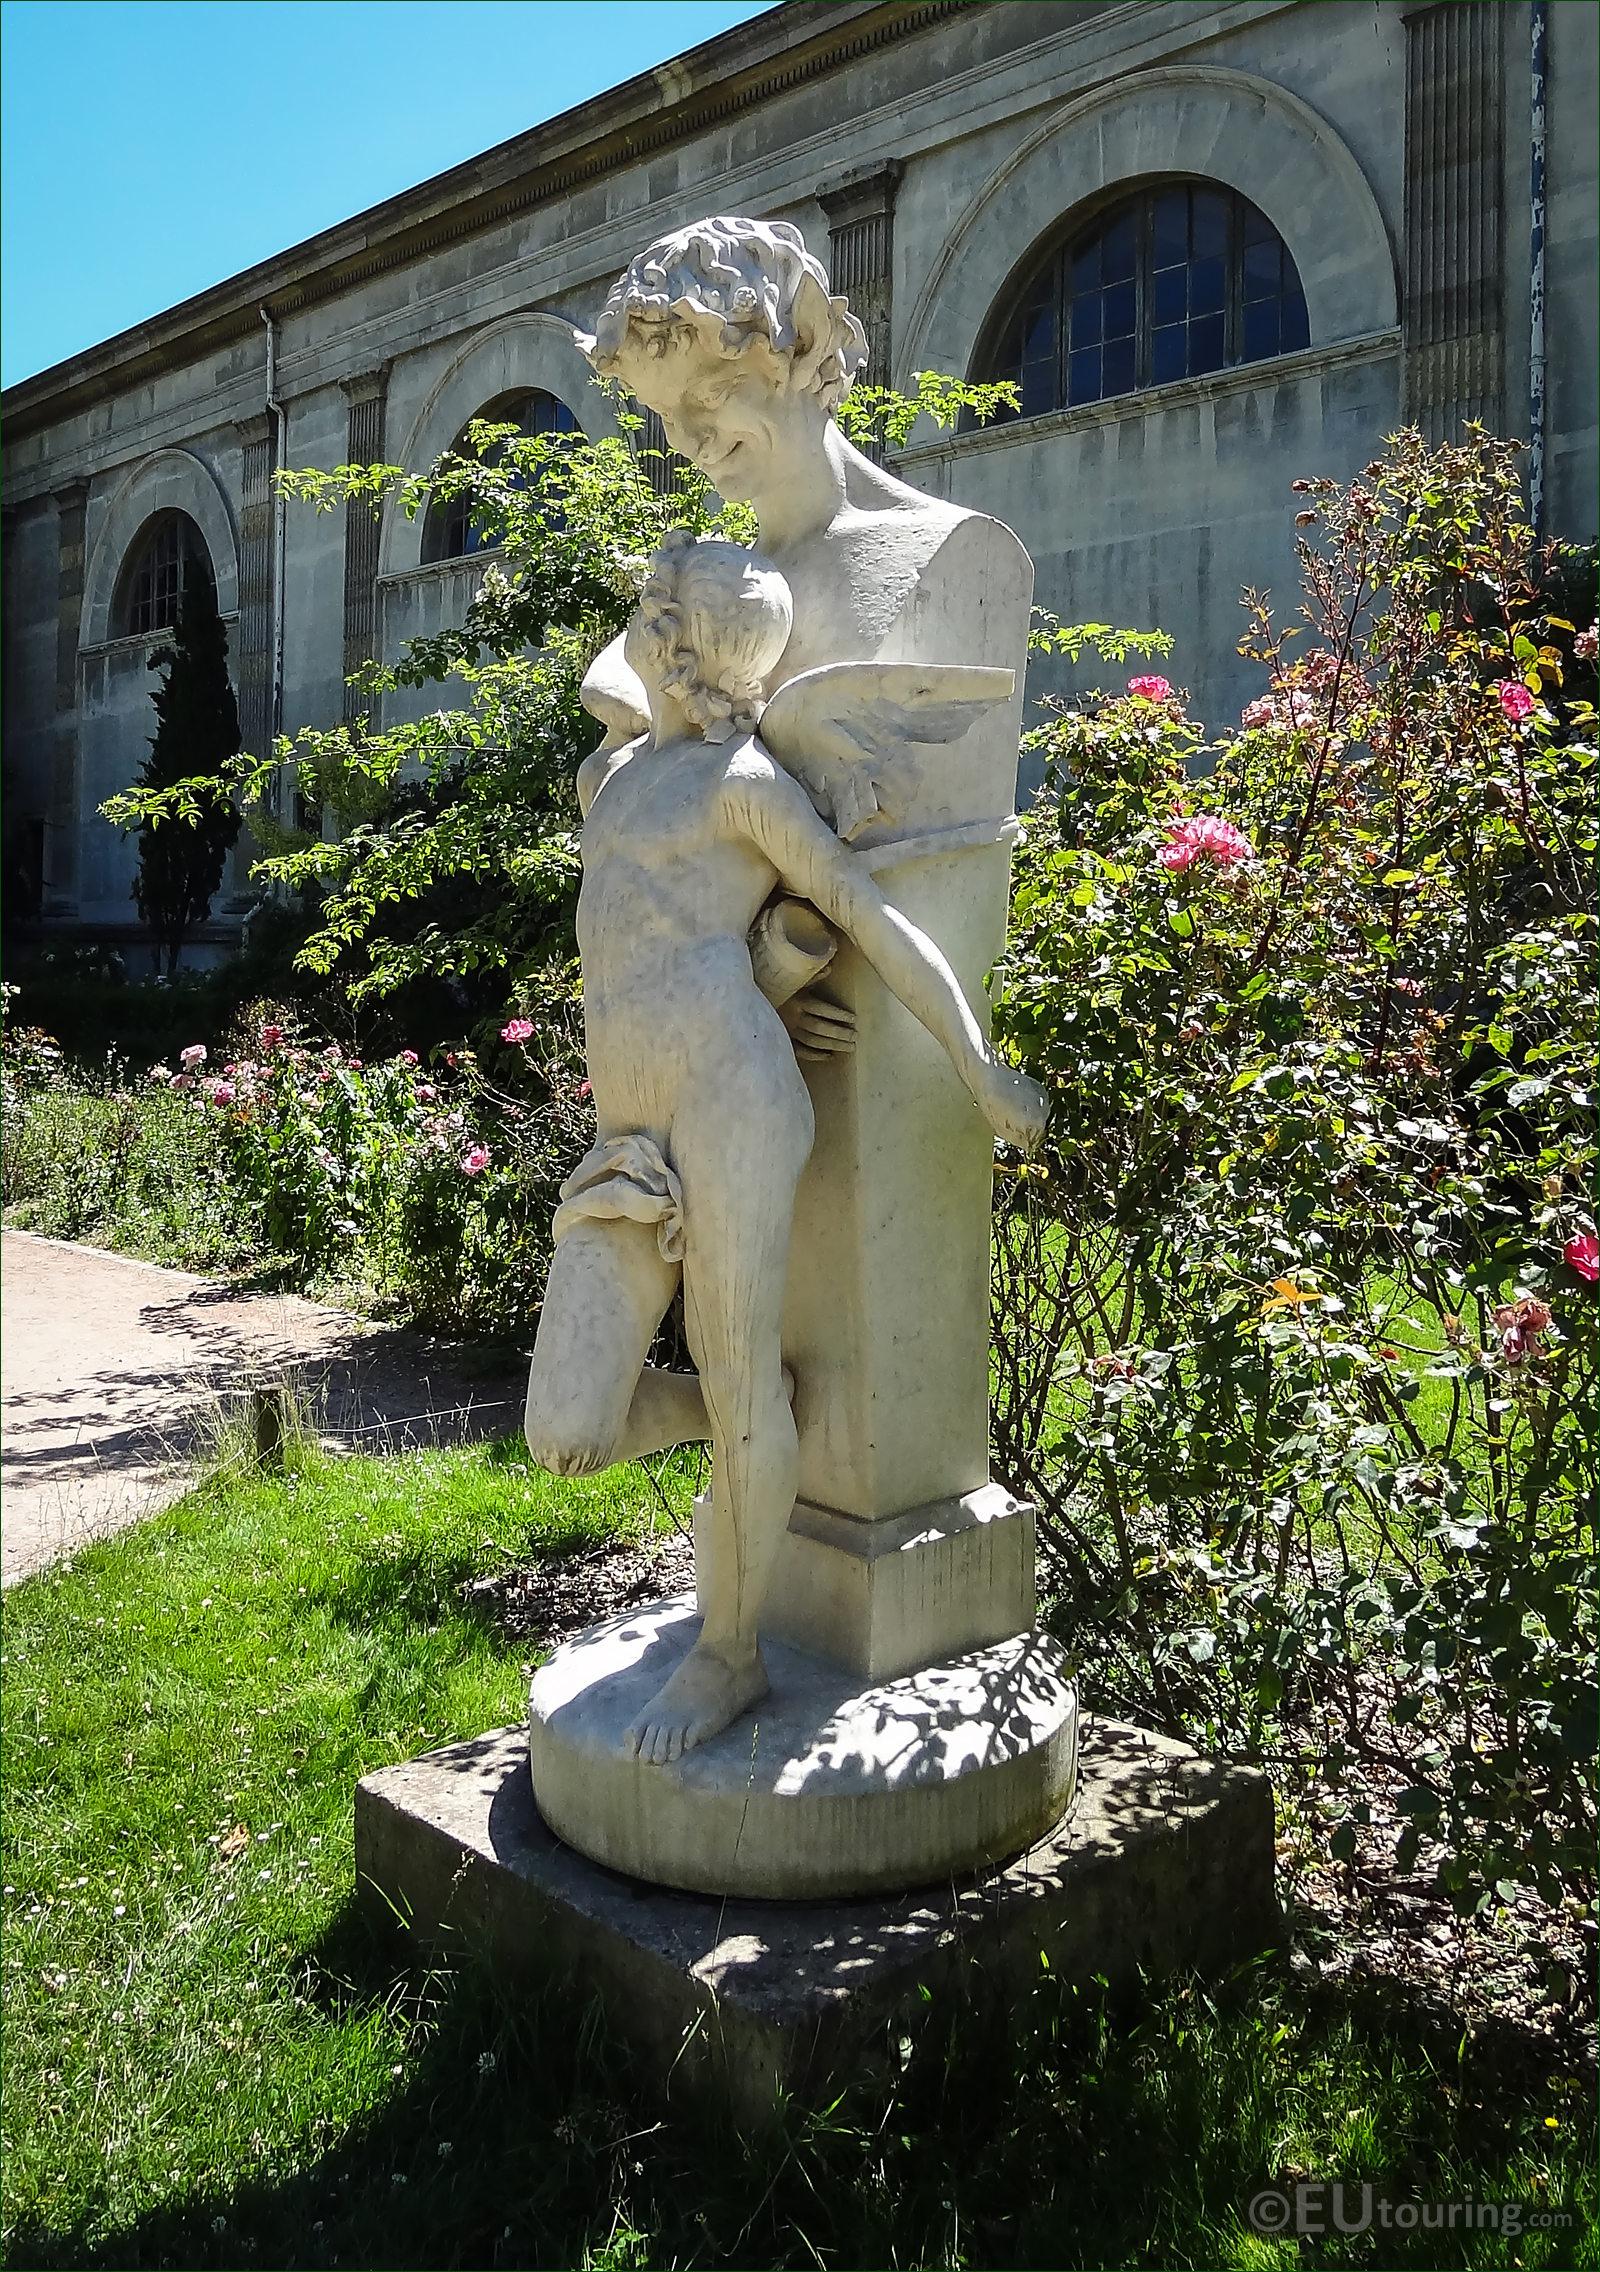 Hd Photos Of L Amour Prisonnier Statue In Jardin Des